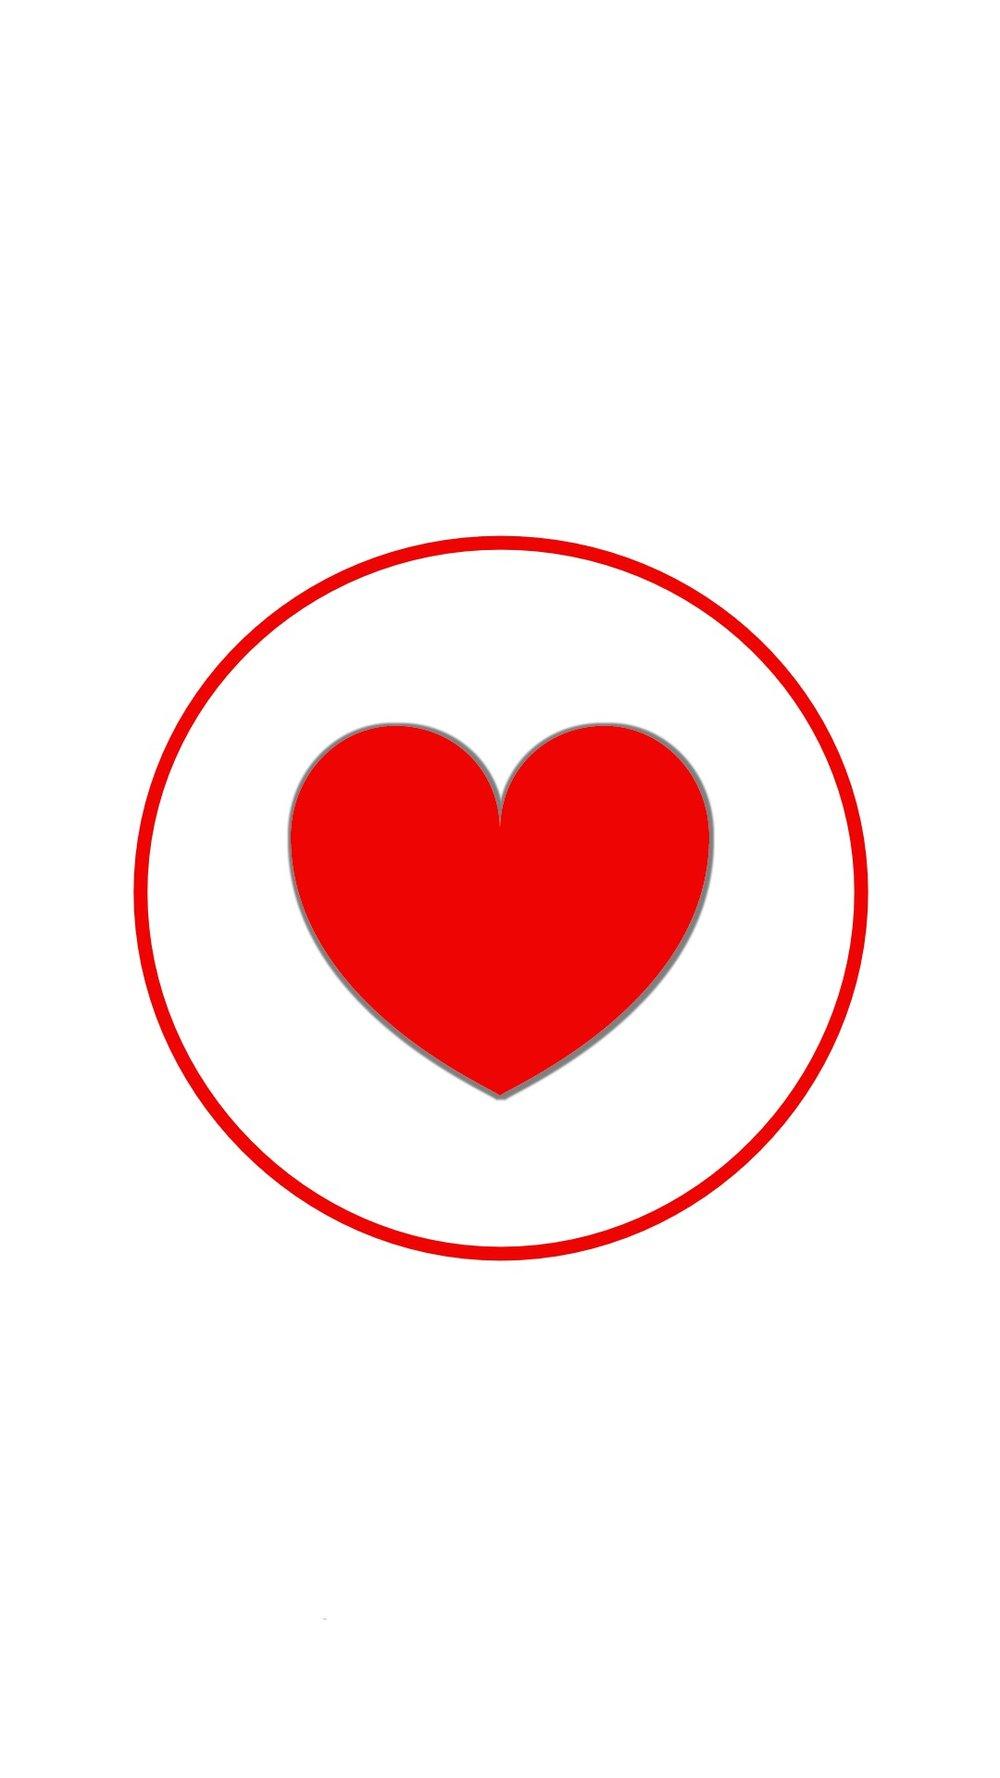 Instagram-cover-heart-red-white-lotnotes.com.jpg